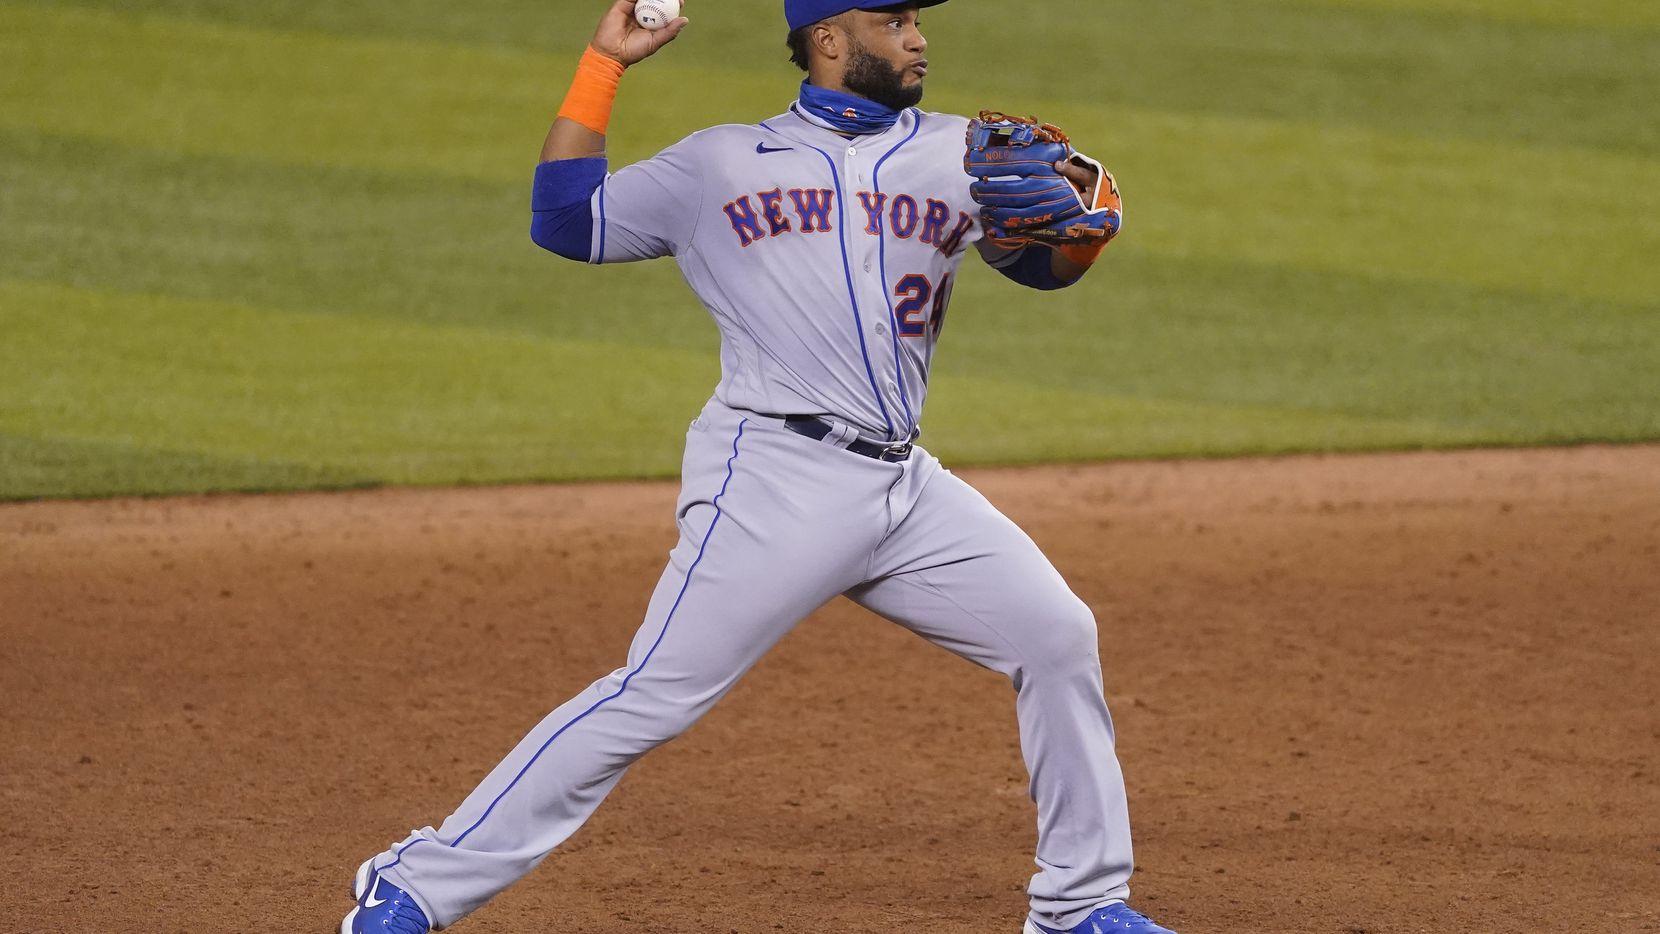 El segunda base de los Mets de Nueva York, Robinson Cano, cometió un costoso error al consumir sustancias prohibidas.